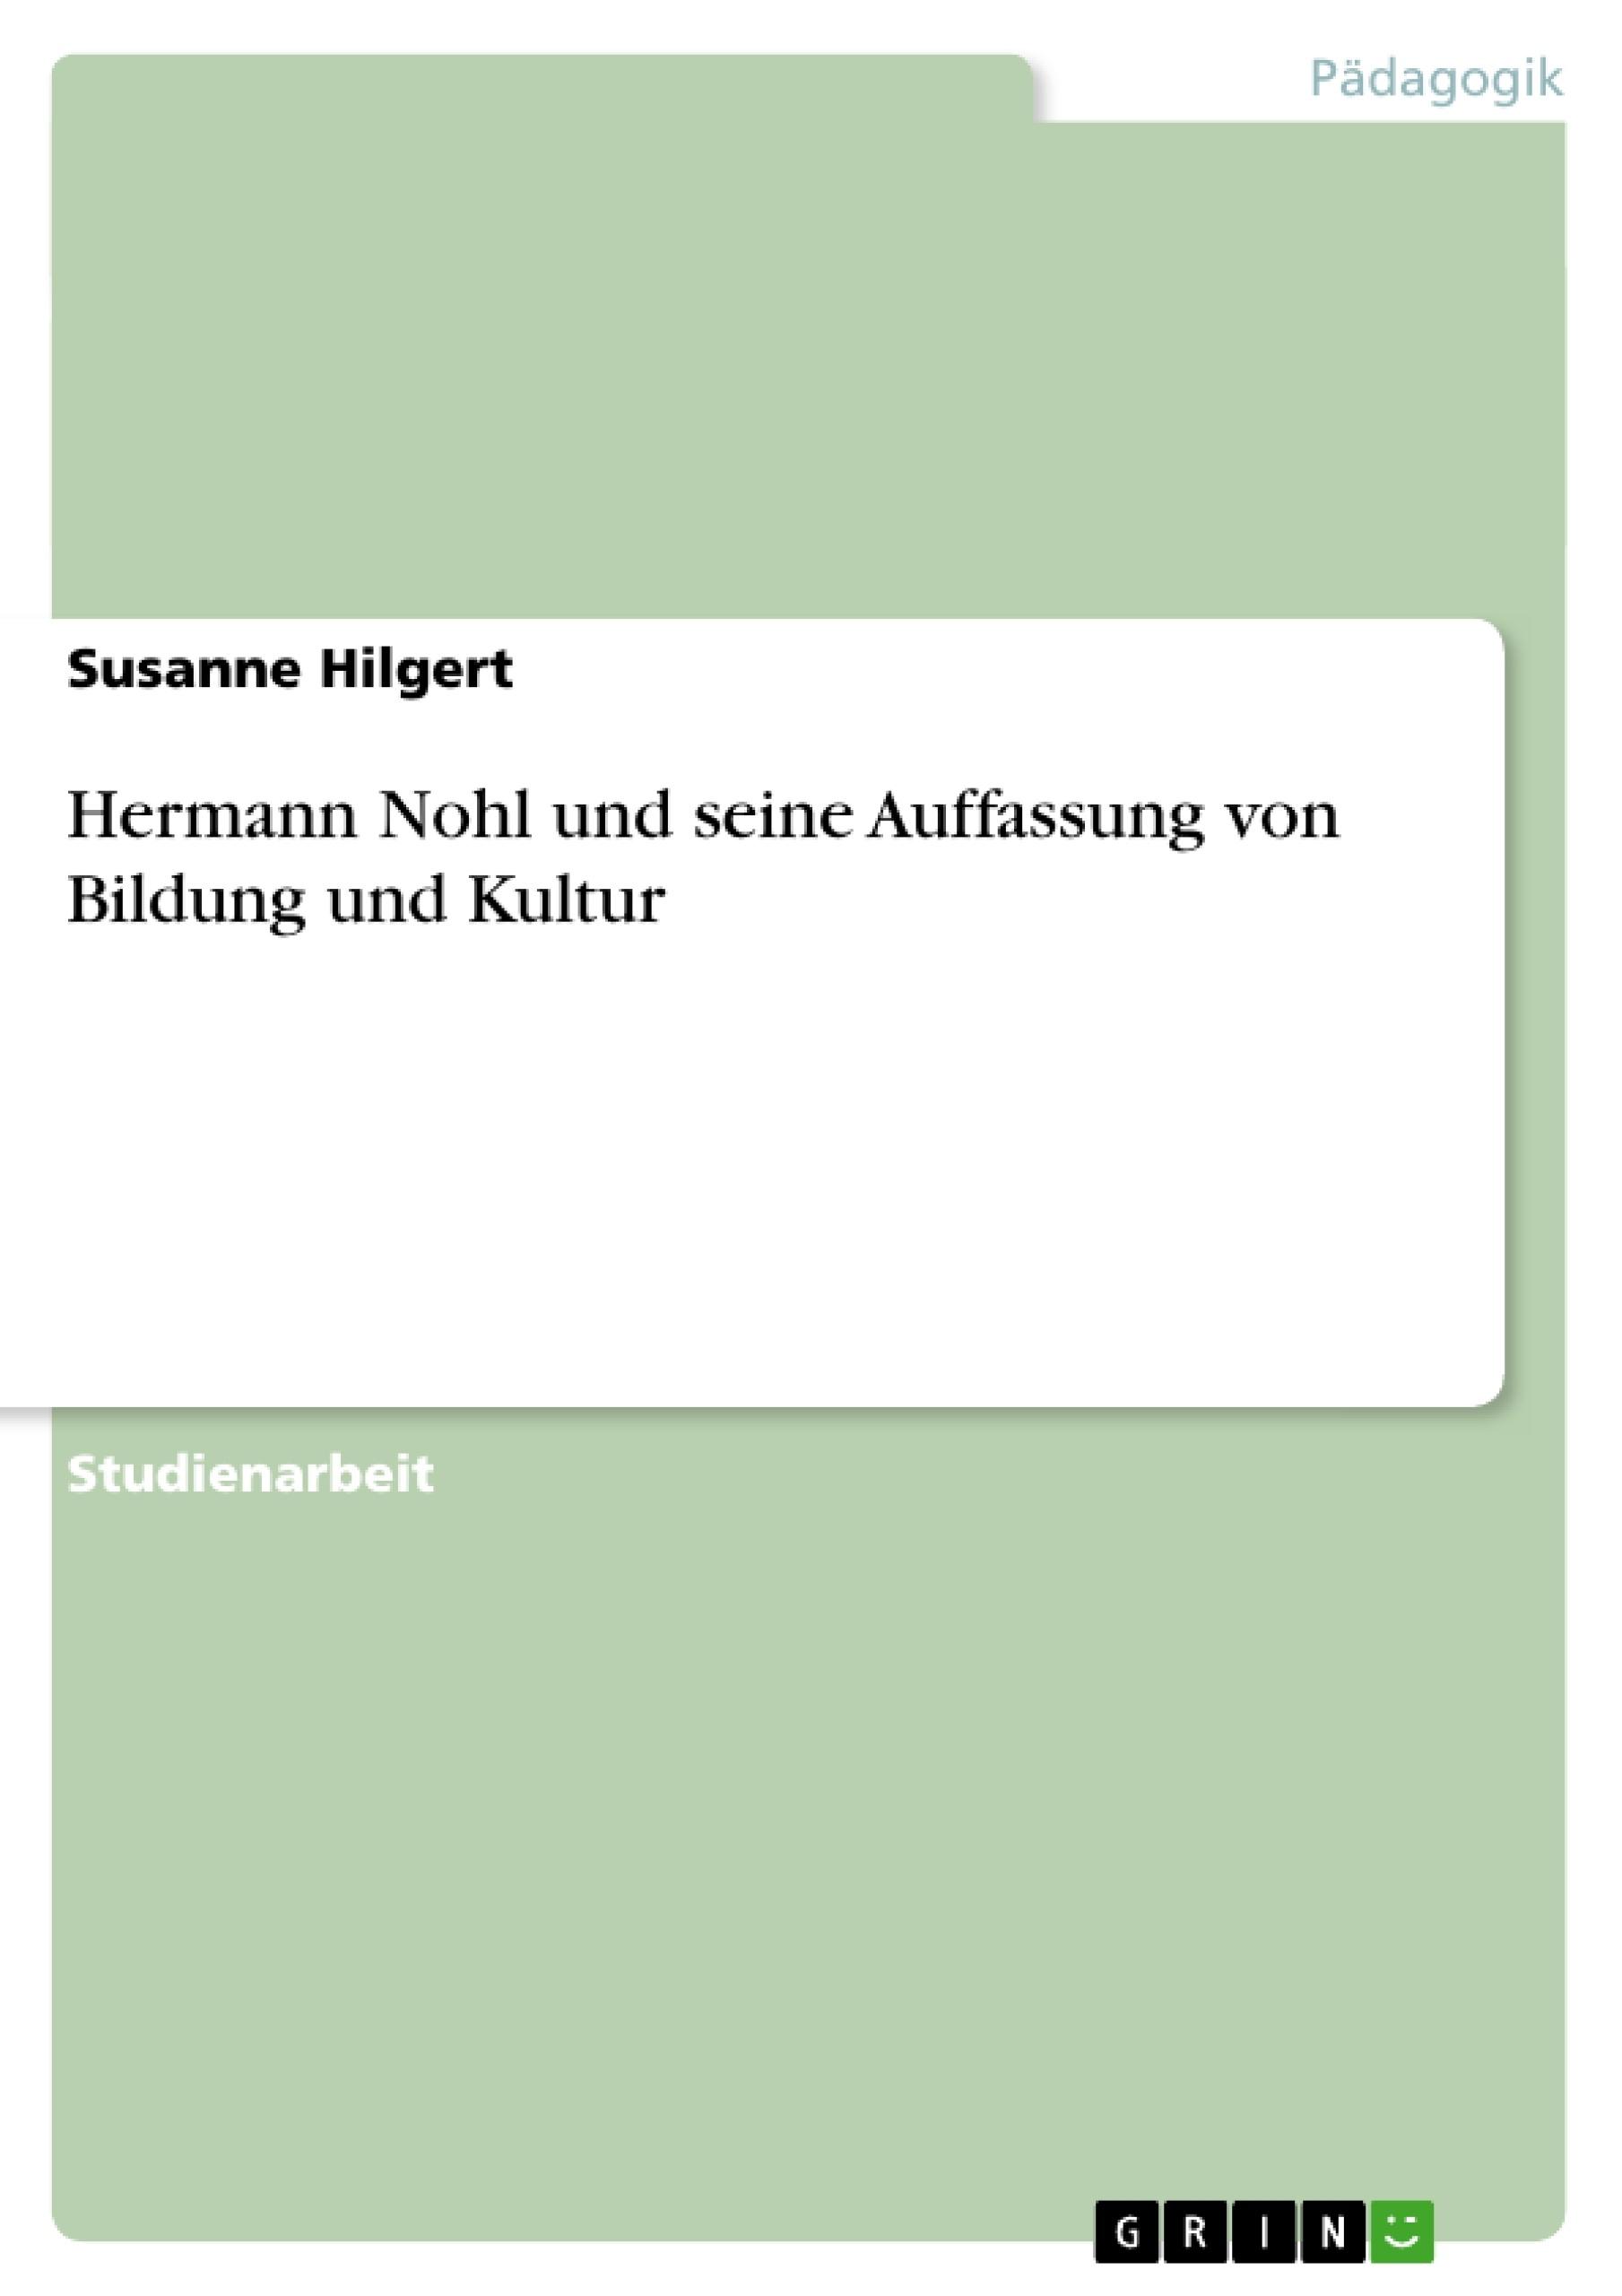 Titel: Hermann Nohl und seine Auffassung von Bildung und Kultur